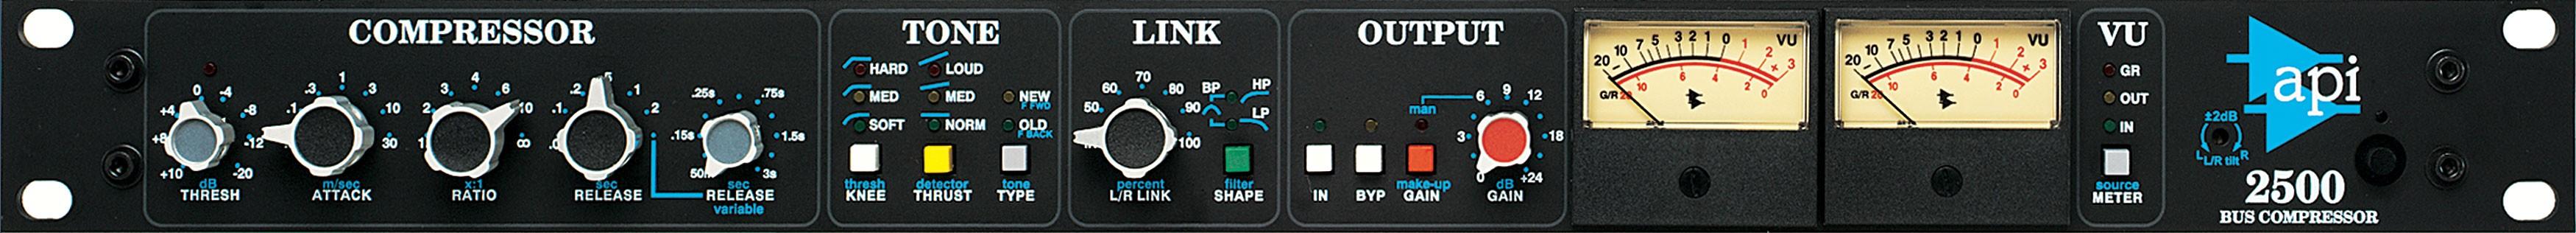 API 2500